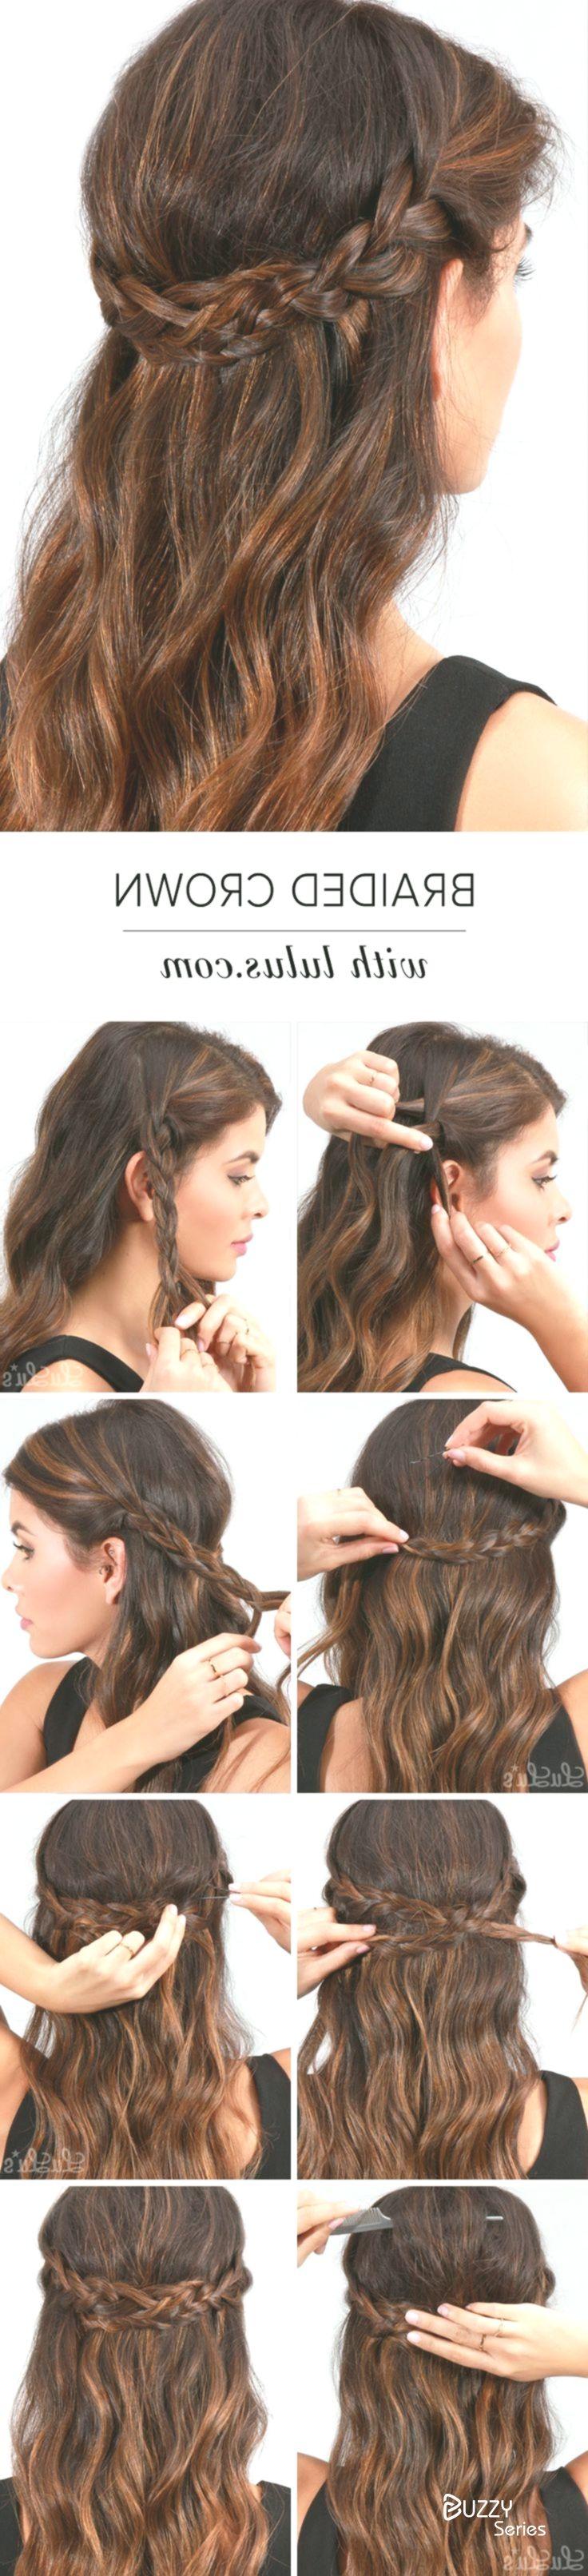 Super einfache DIY geflochtene Frisuren für Hochzeit Tutorials